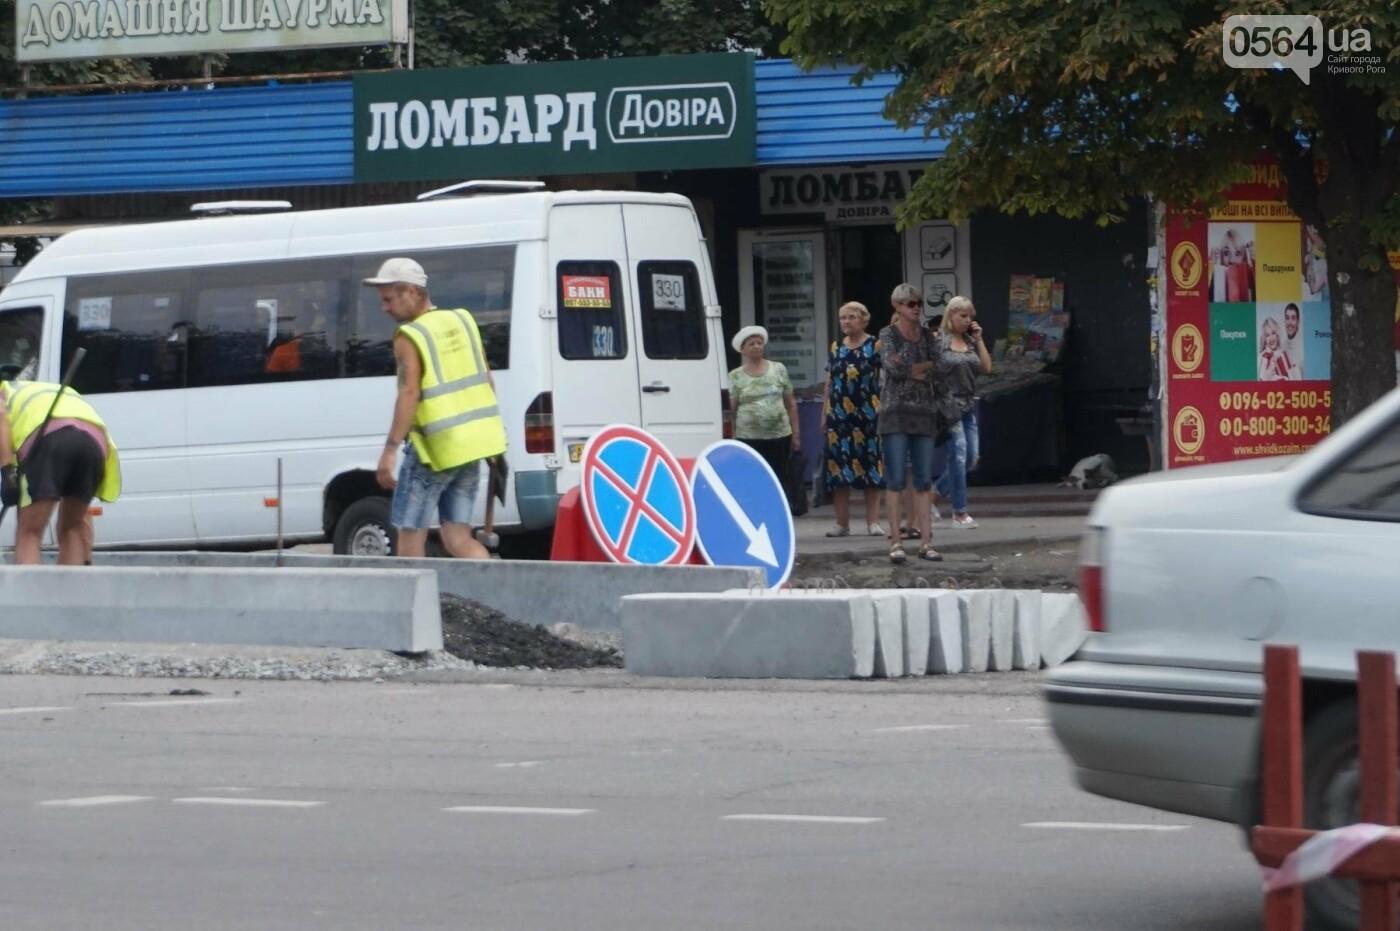 С сегодняшнего дня на центральном проспекте Кривого Рога отменены 3 остановки и запрещена парковка, - ФОТО, фото-8